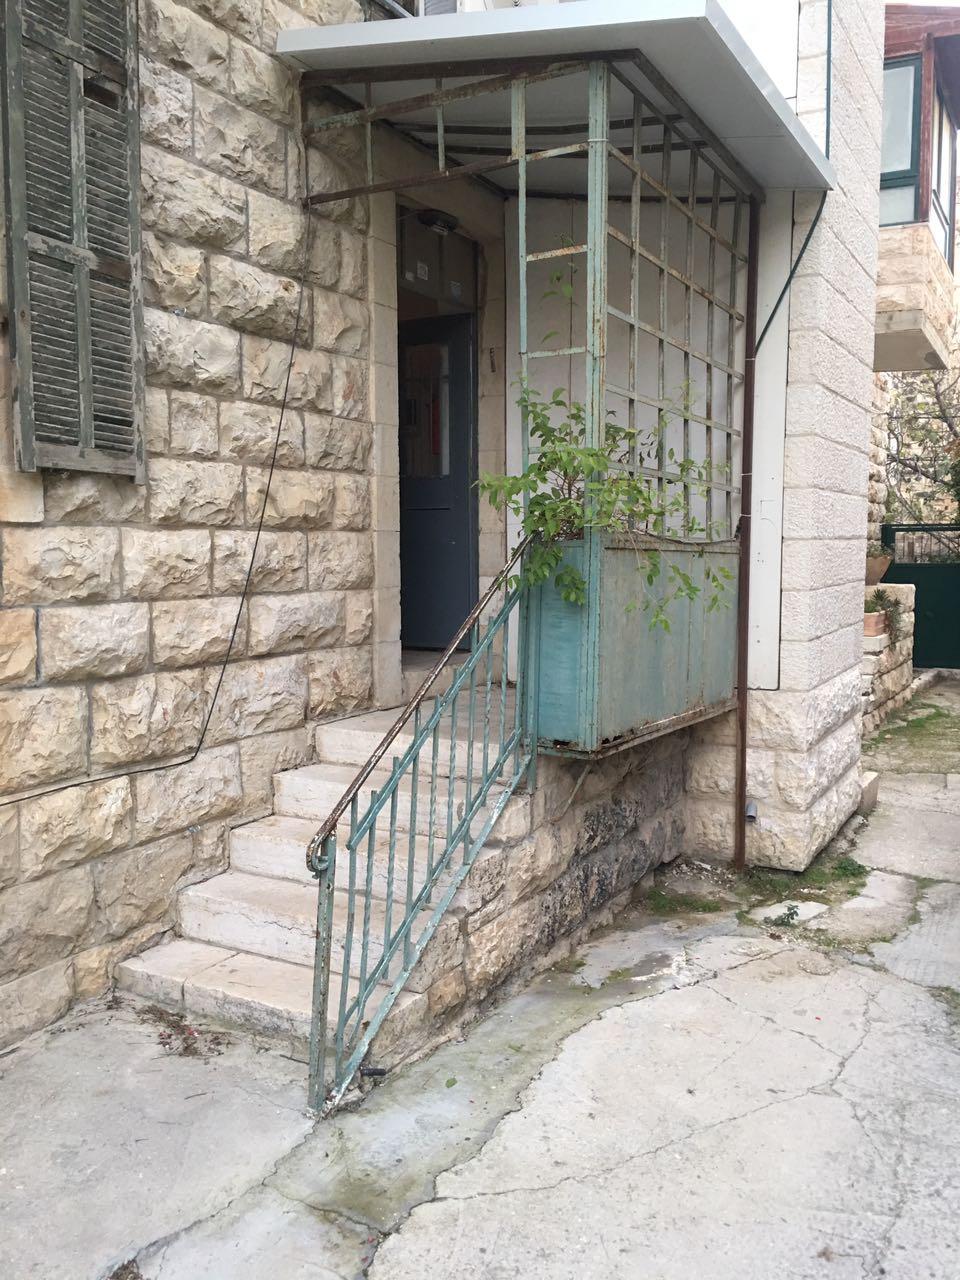 בבקעה בבניין ערבי אותנטי